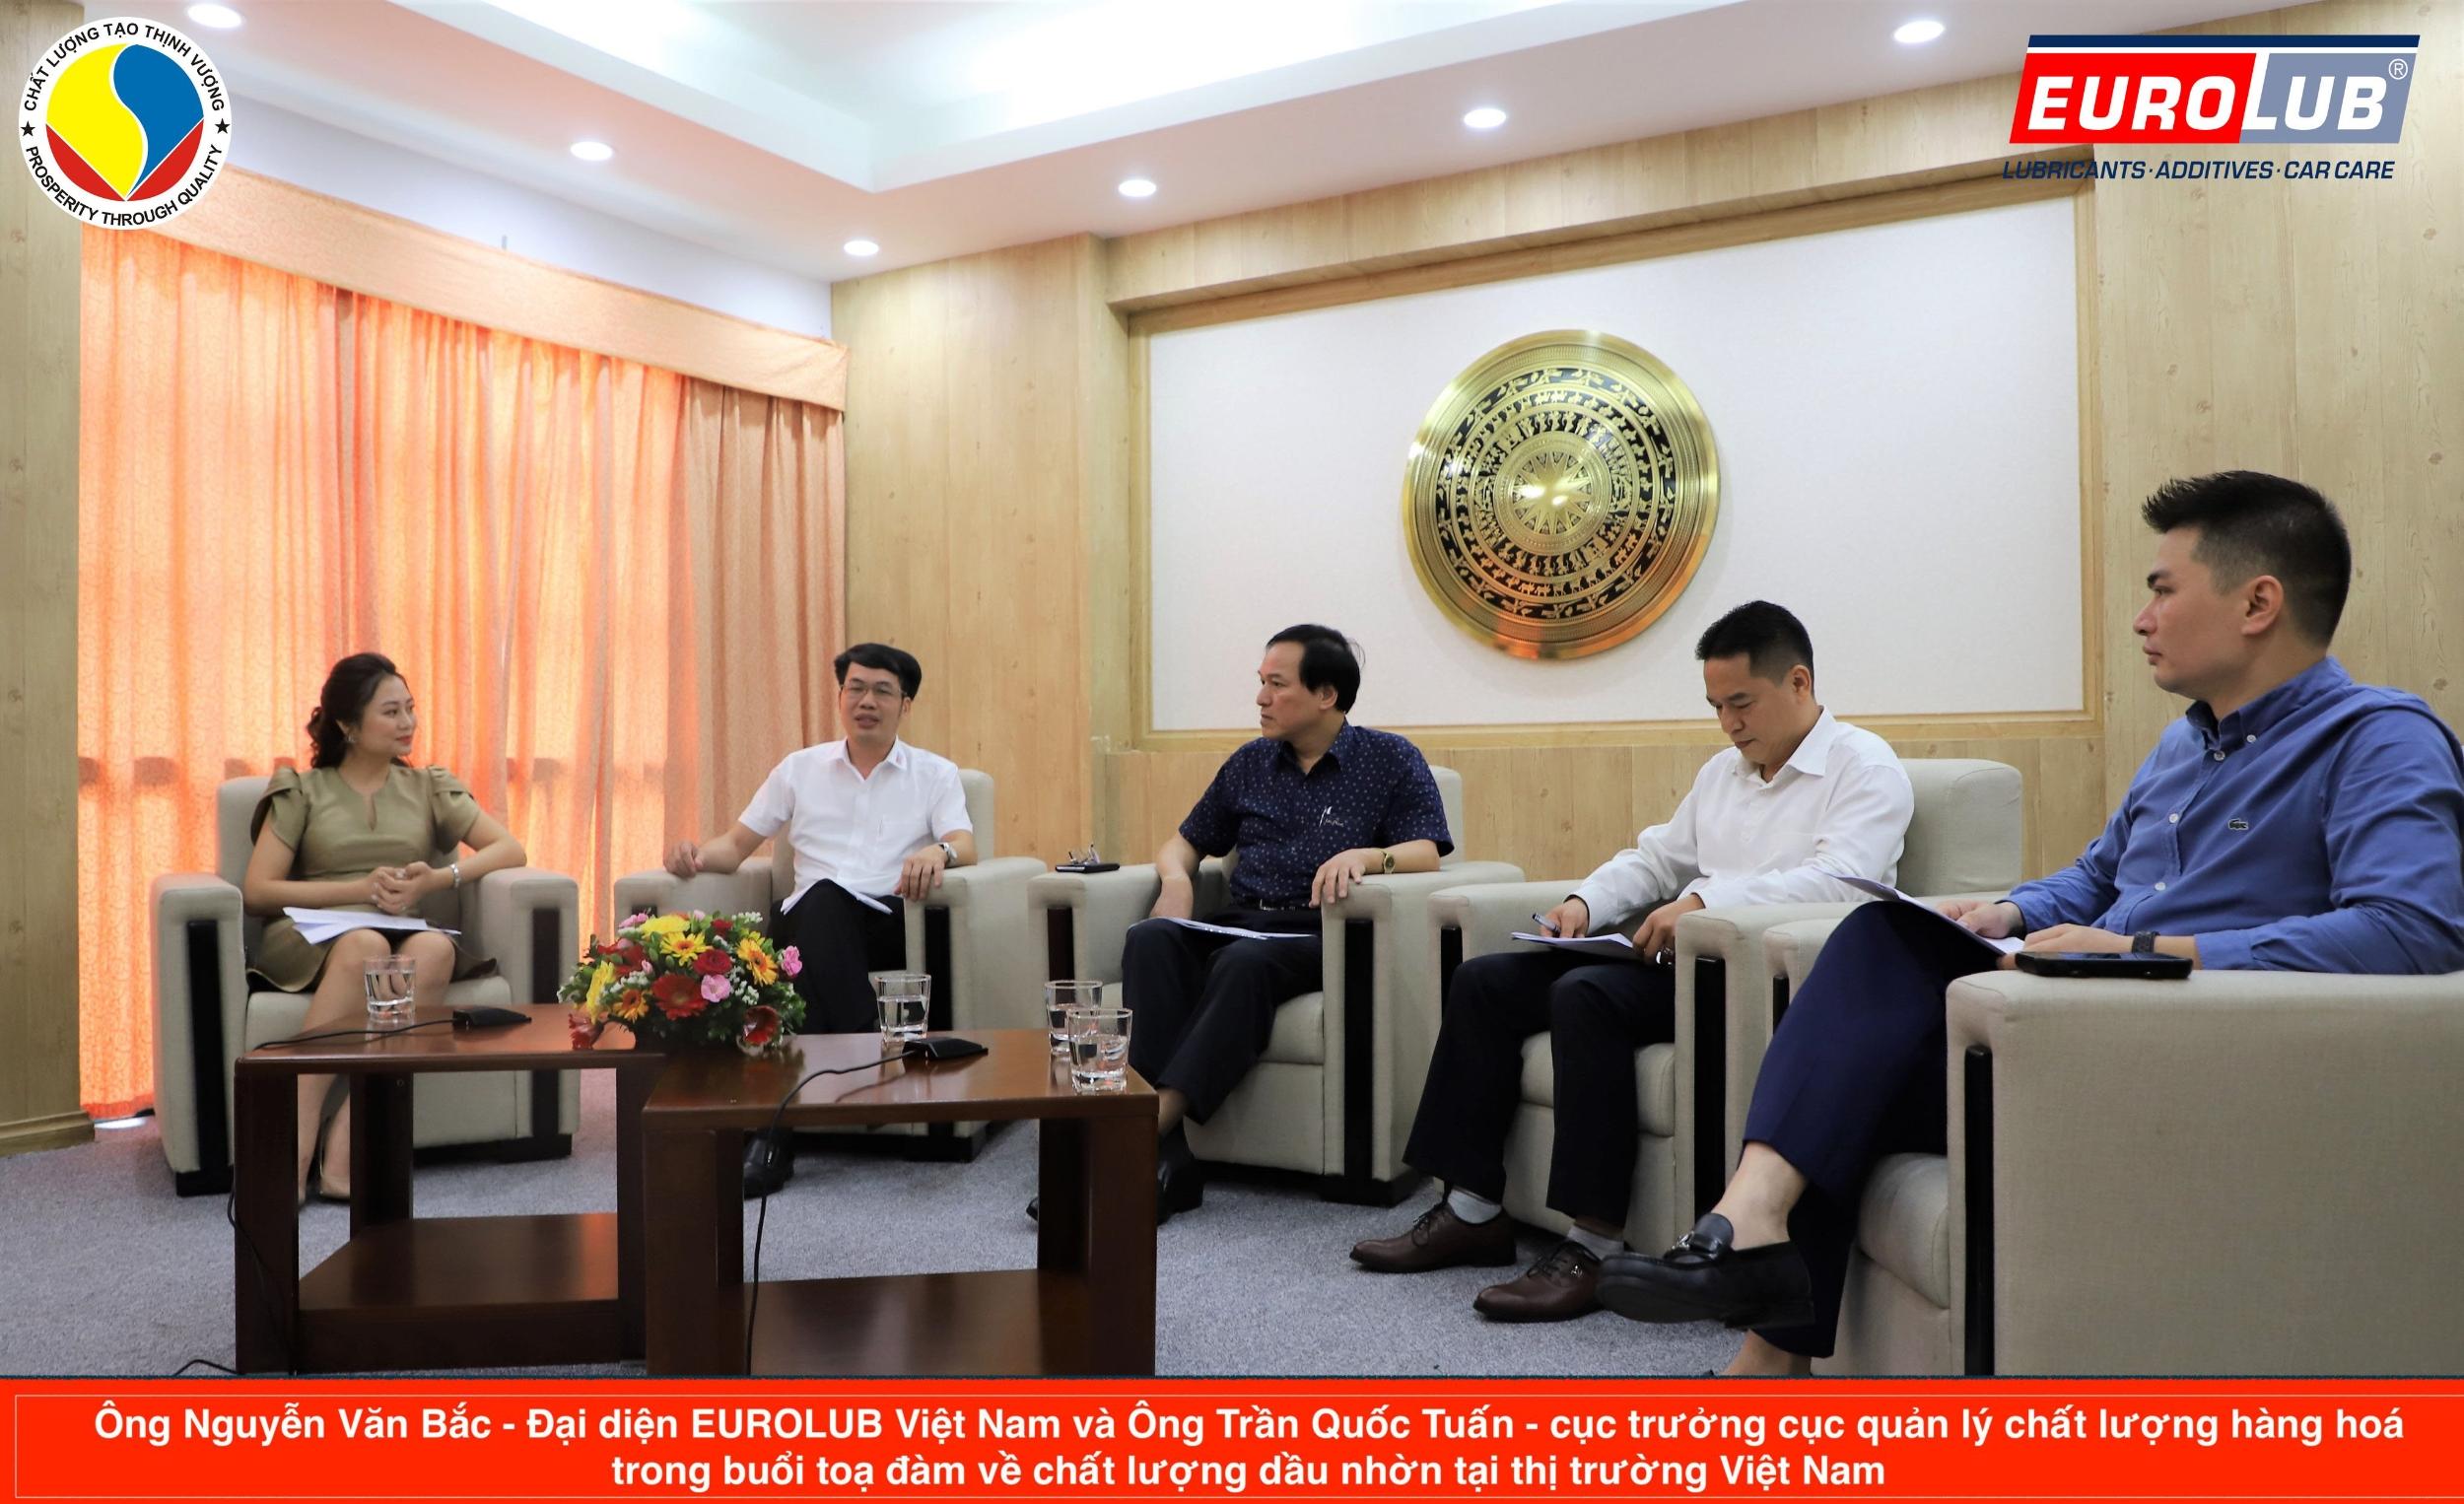 Đại diện EUROLUB Việt Nam toạ đàm về chất lượng dầu nhờn cùng ông TRẦN QUỐC TUẤN - Cục Trưởng Cục Quản Lý Chất Lượng Hàng Hoá